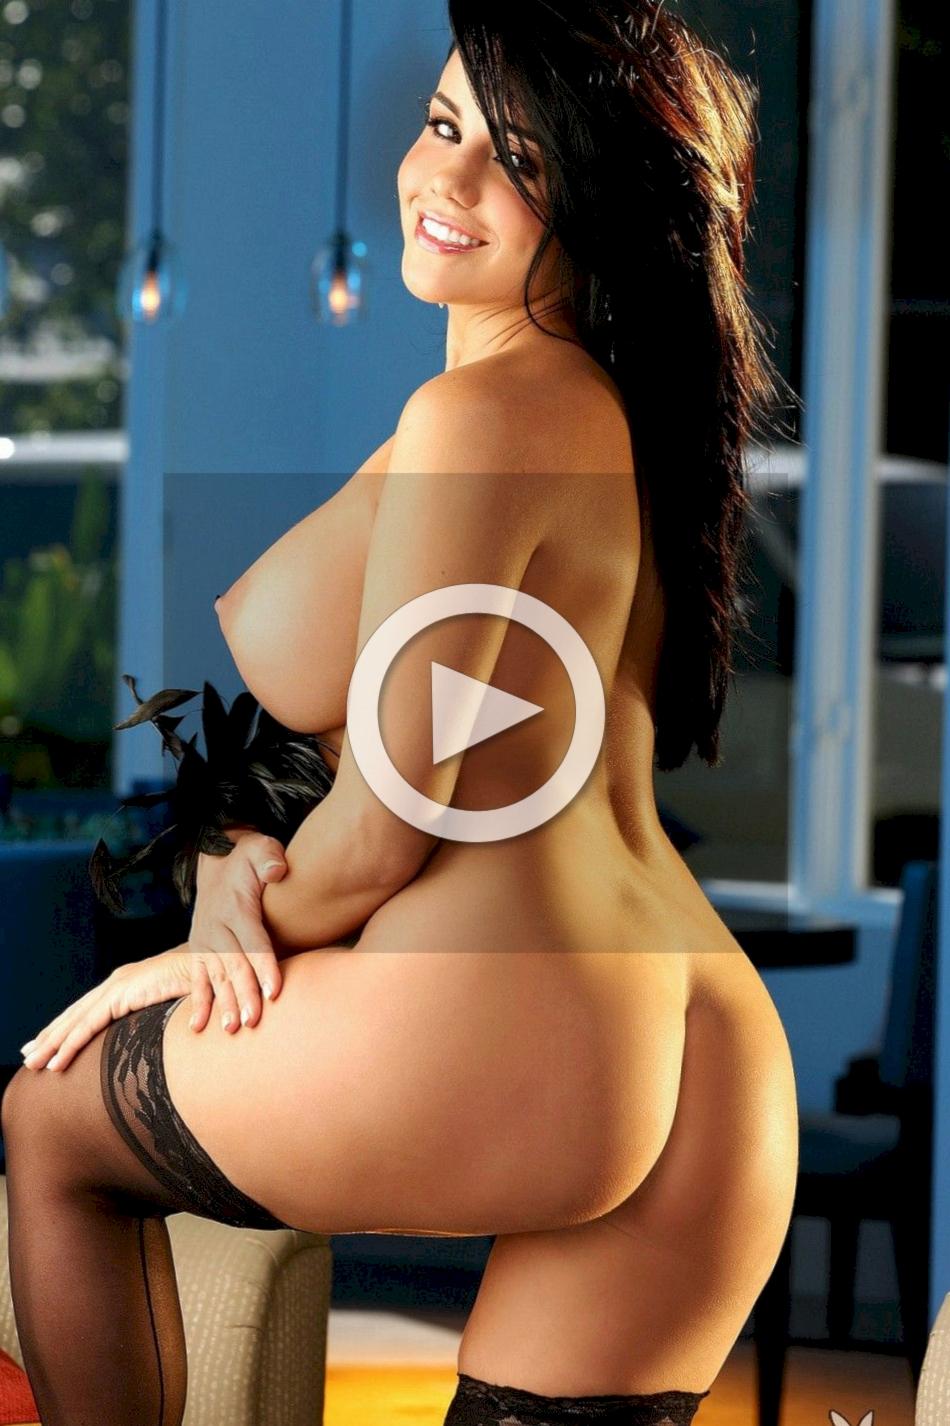 Pantyhose Hot Porn Pics